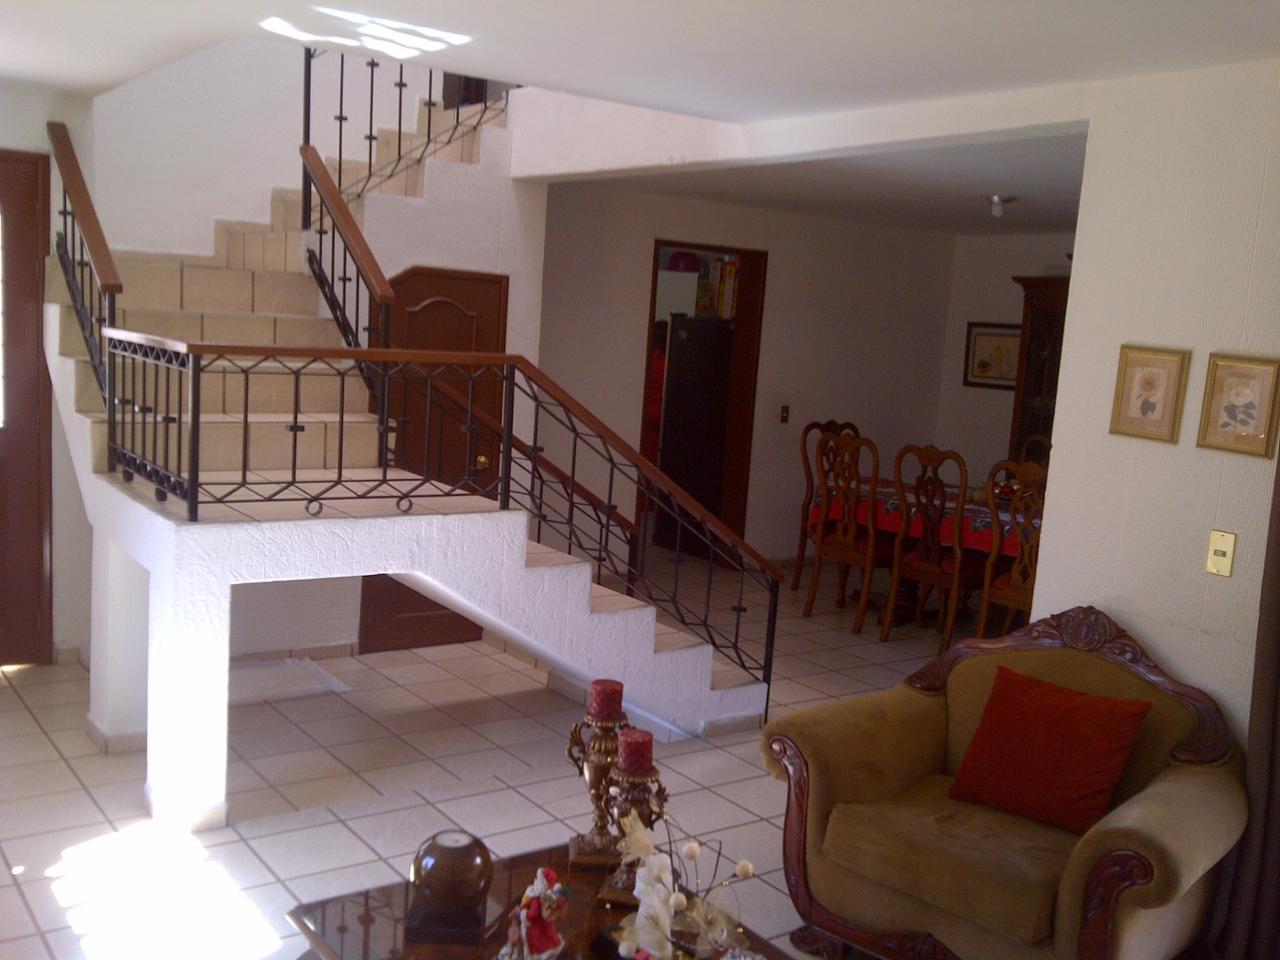 Casa uso de suelo en Renta Enrique Gómez Carrillo 5590-7, Zapopan, Jalisco